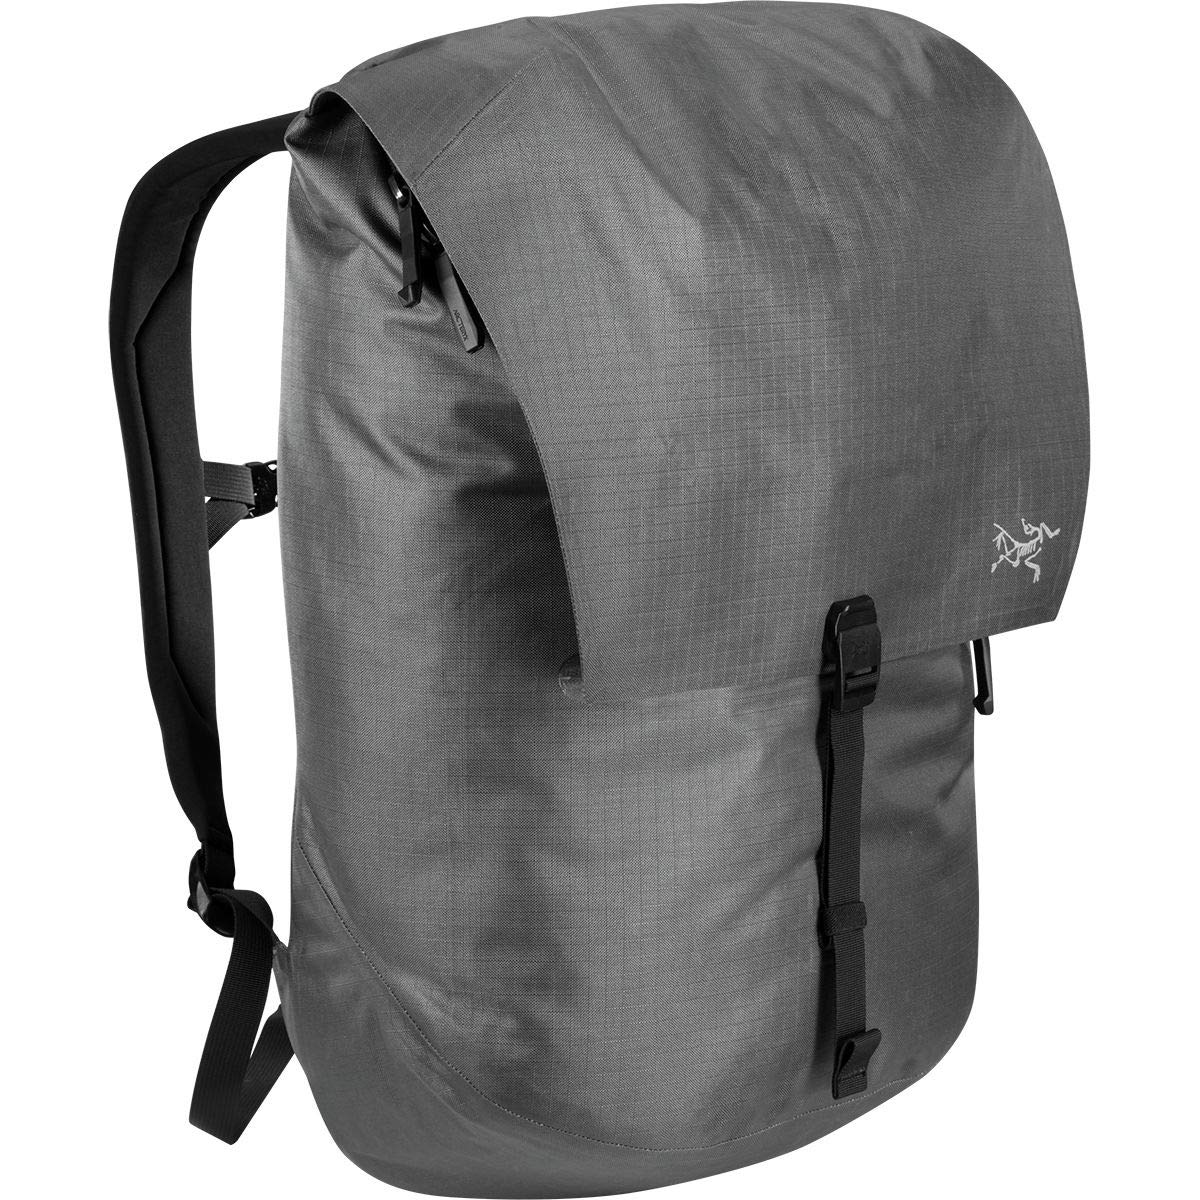 [アークテリクス] メンズ バックパックリュックサック Granville 20L Backpack [並行輸入品] B07MT9VRZ4  No-Size